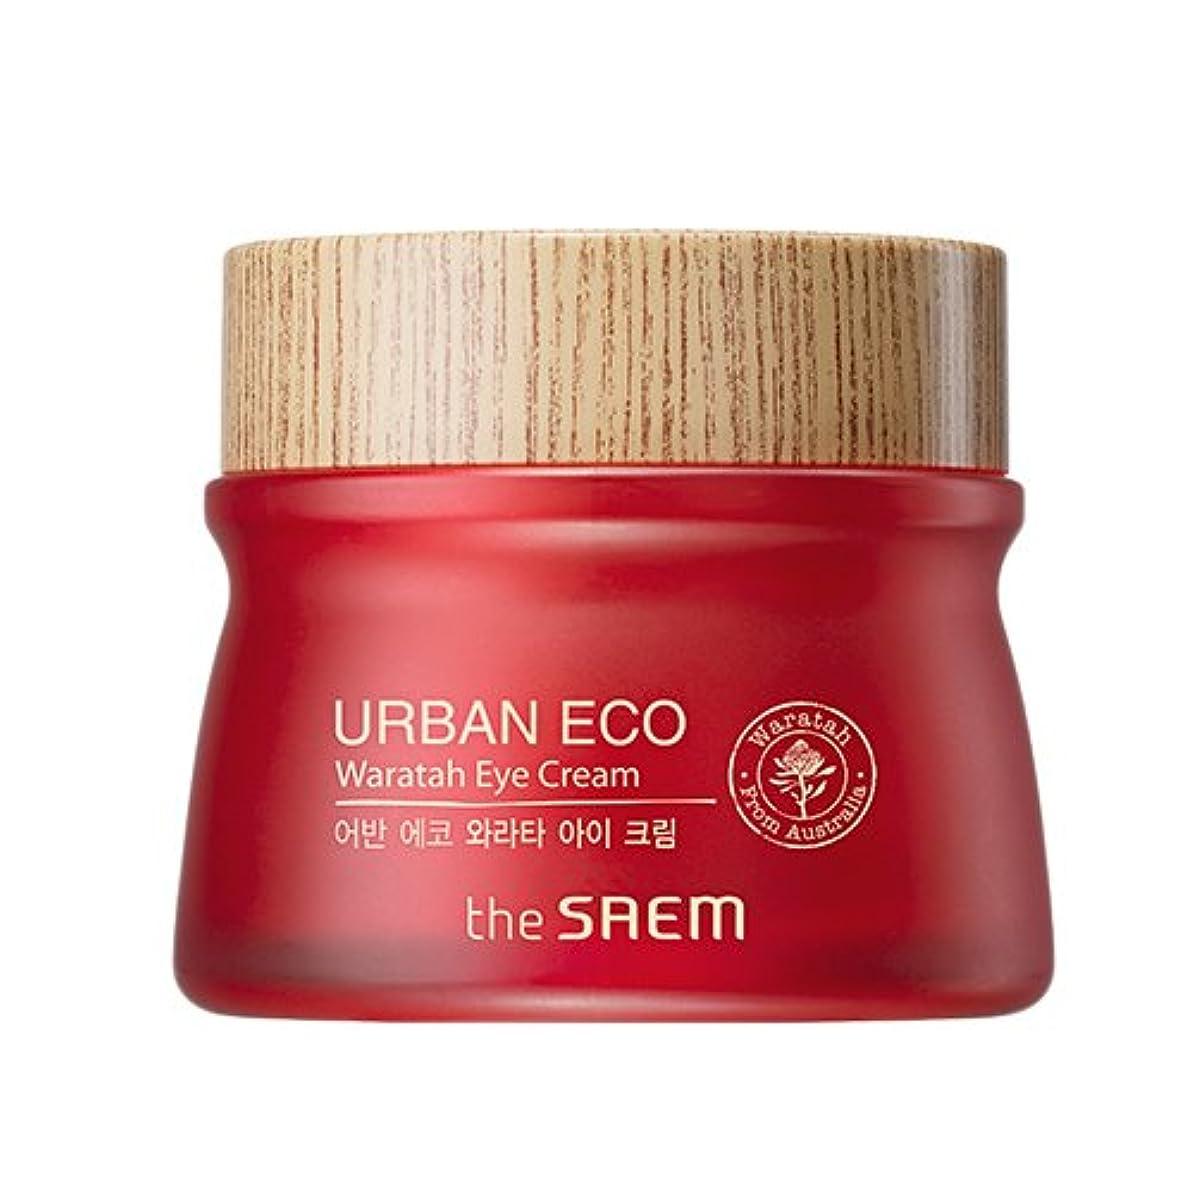 ワット置換運ぶドセム アーバンエコワラターアイクリーム 30ml Urban Eco Waratah Eye Cream [並行輸入品]